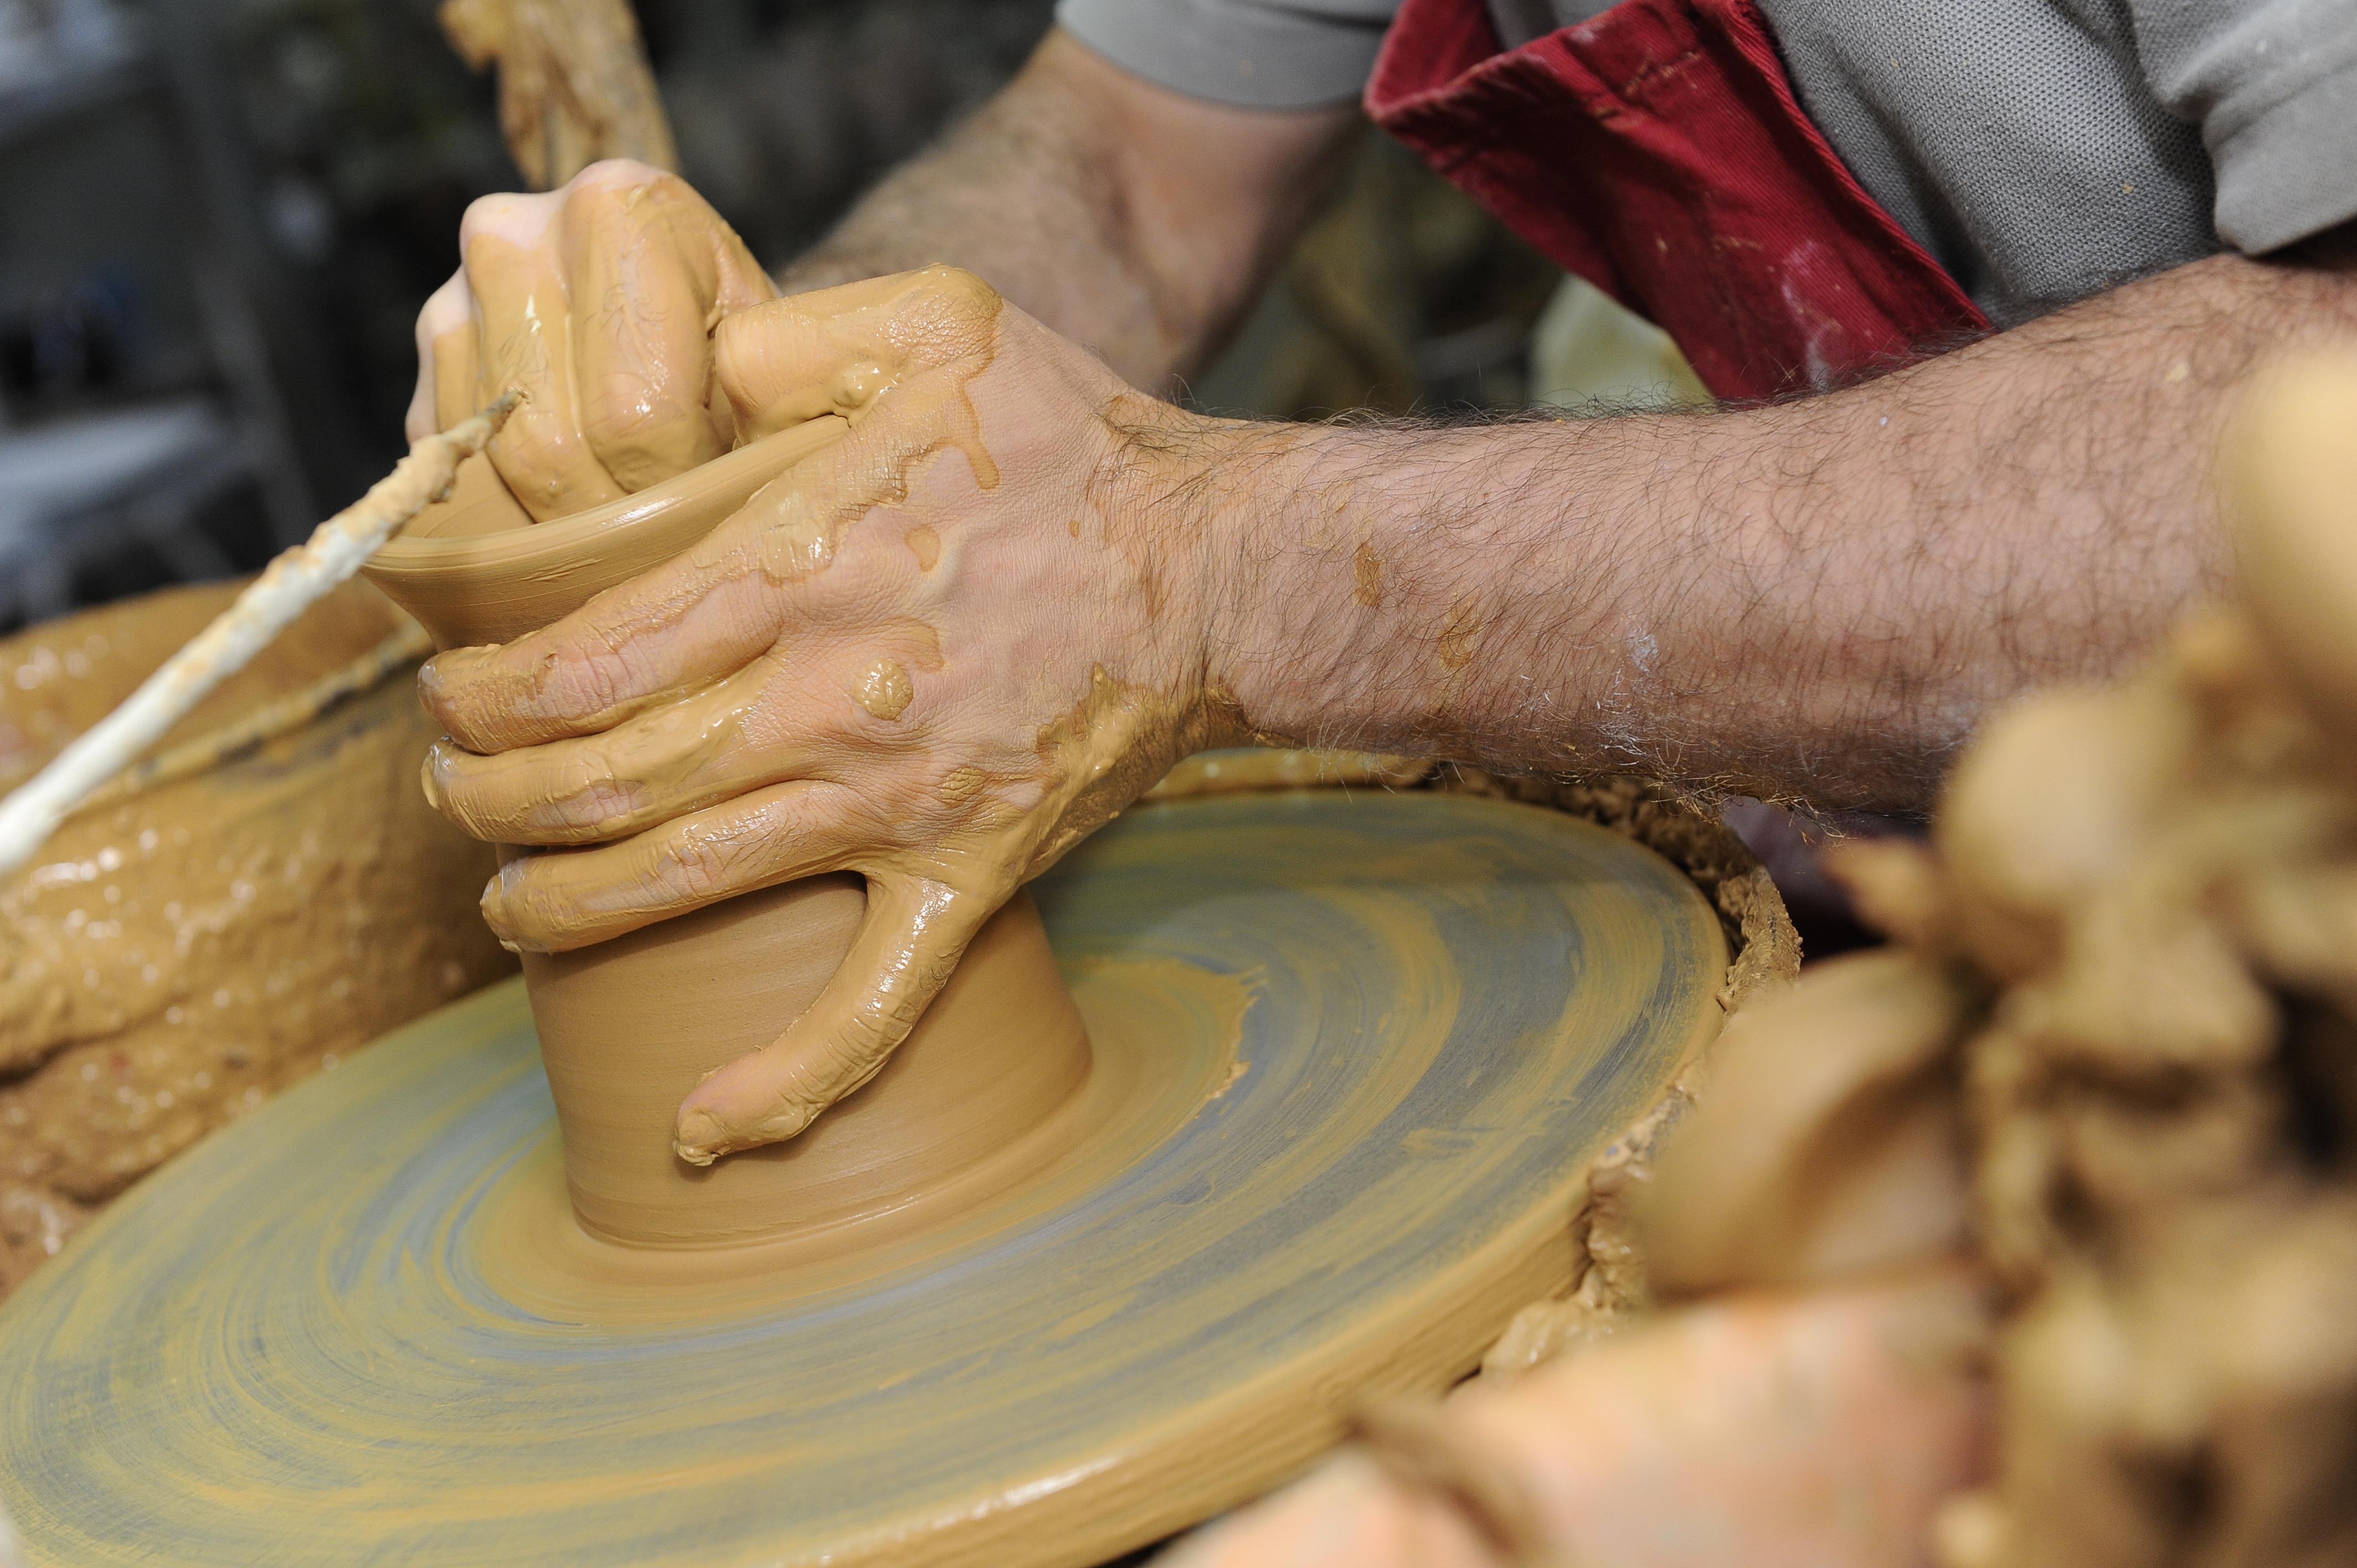 Lavorazione Della Ceramica.Ceramica E Terracotta Confartigianato Imprese Lecce